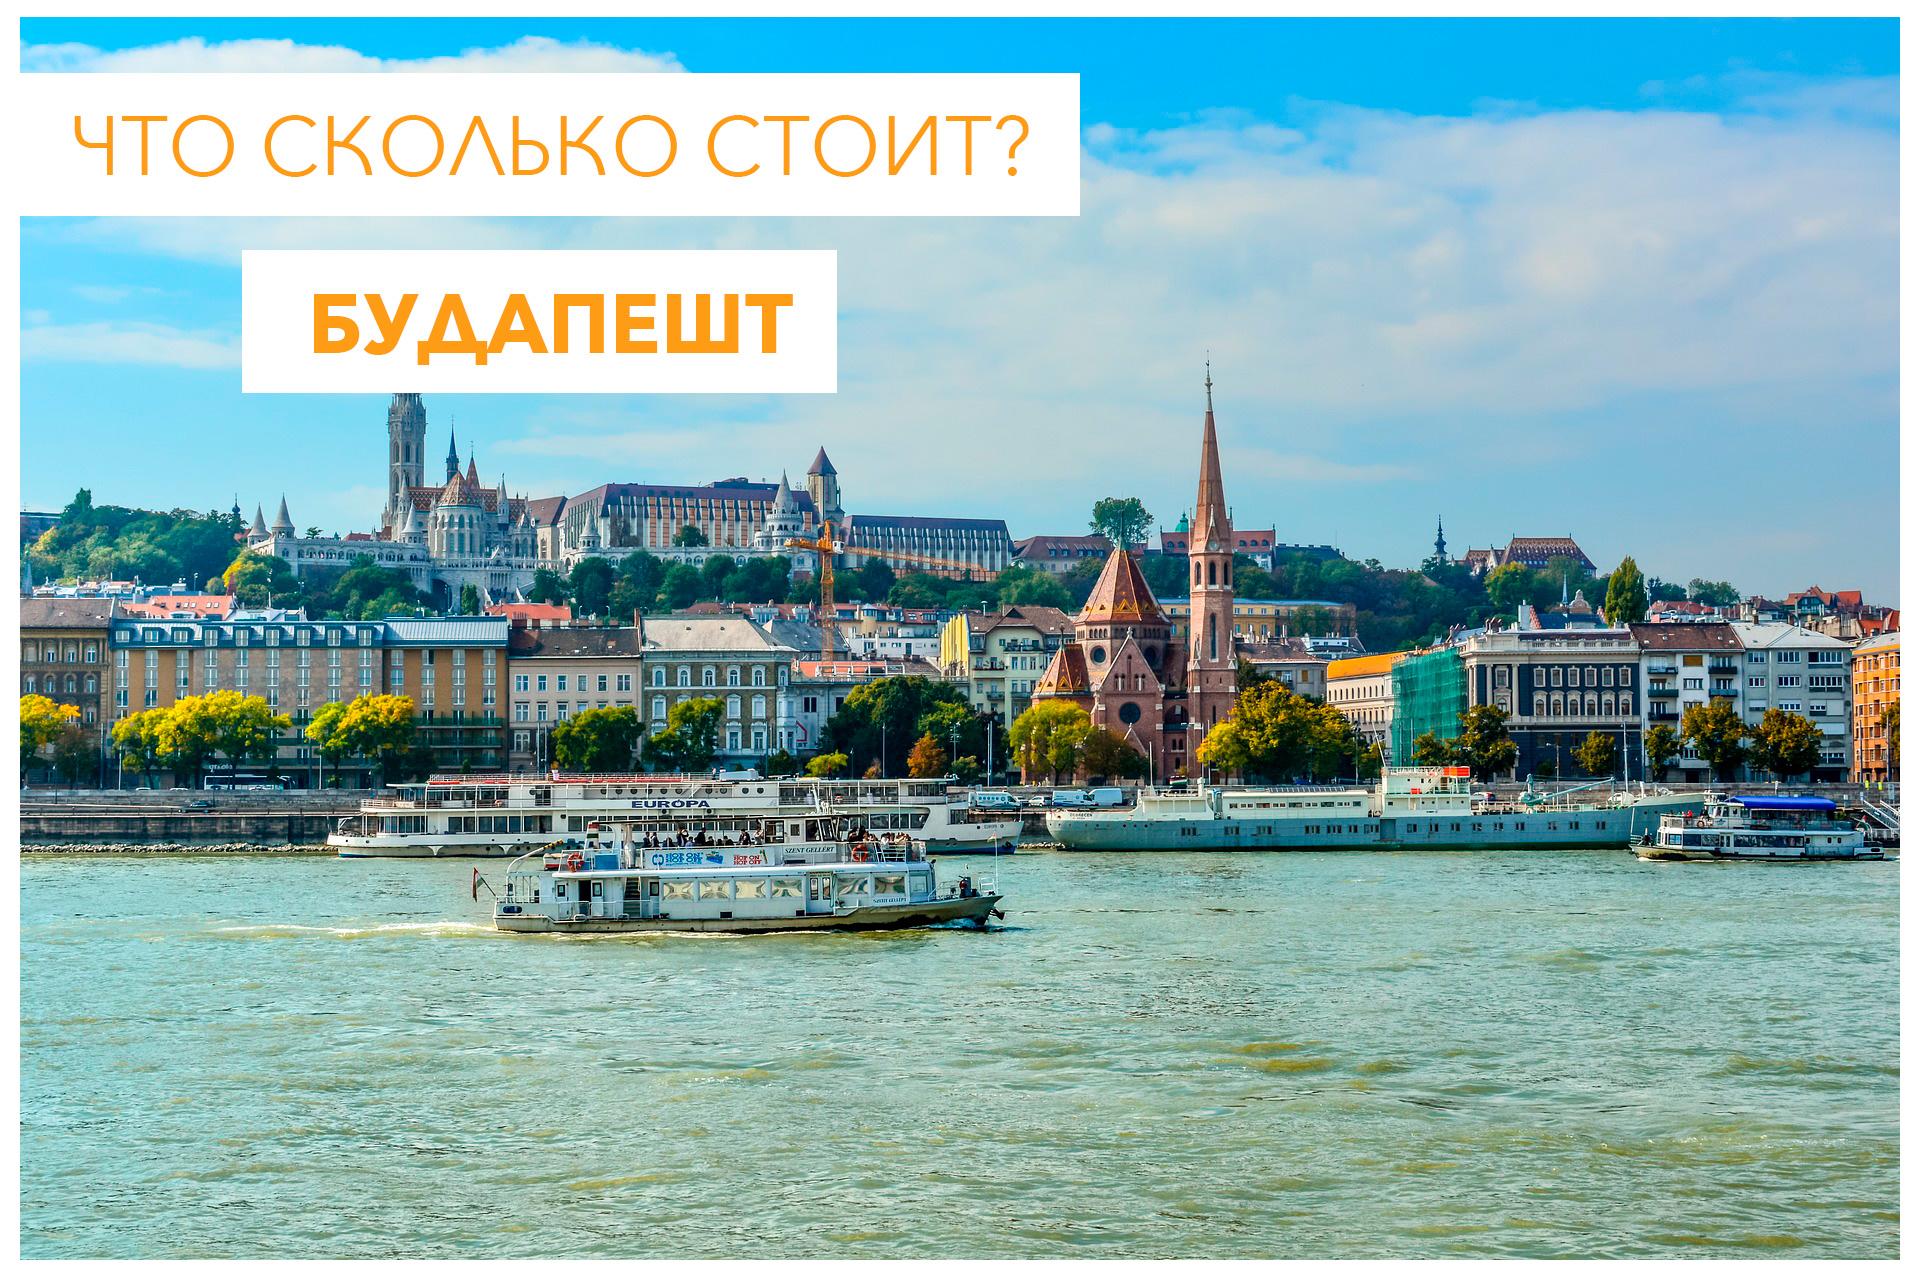 Цены в Будапеште, Венгрия - на аренду жилья, продукты, транспорт